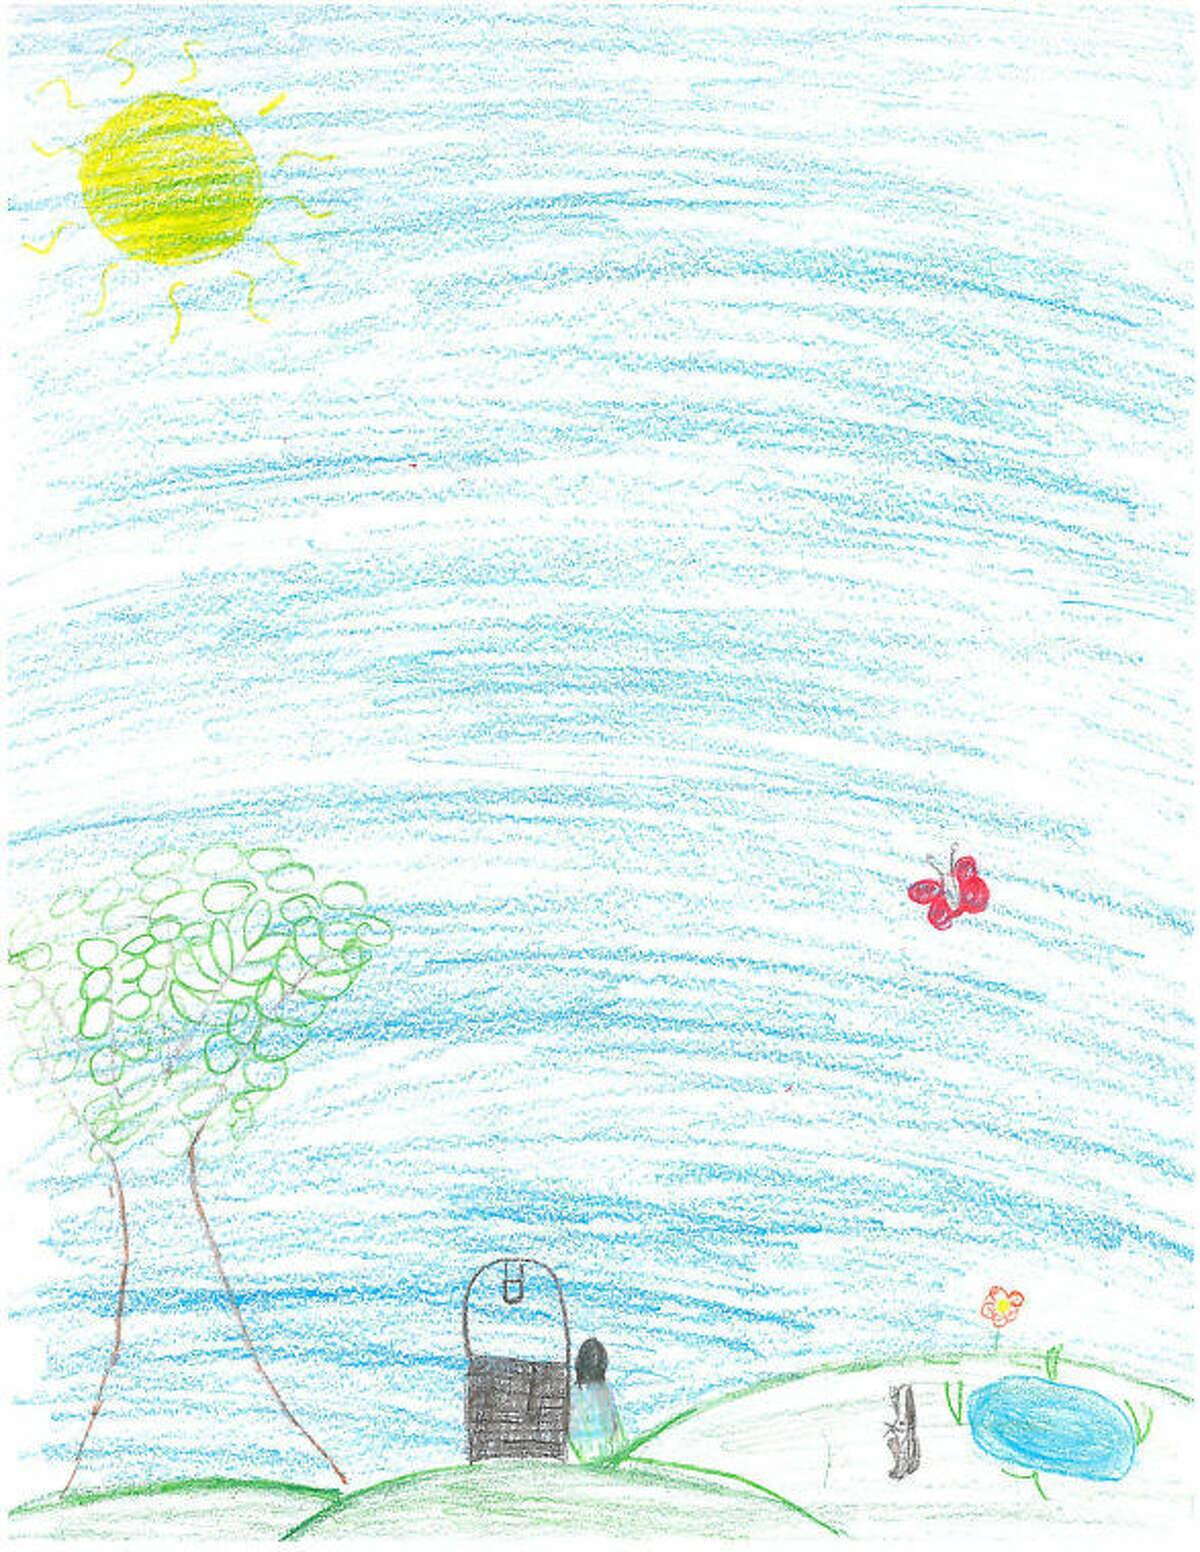 Lexus Felder, Grade 5, Side by Side Charter School